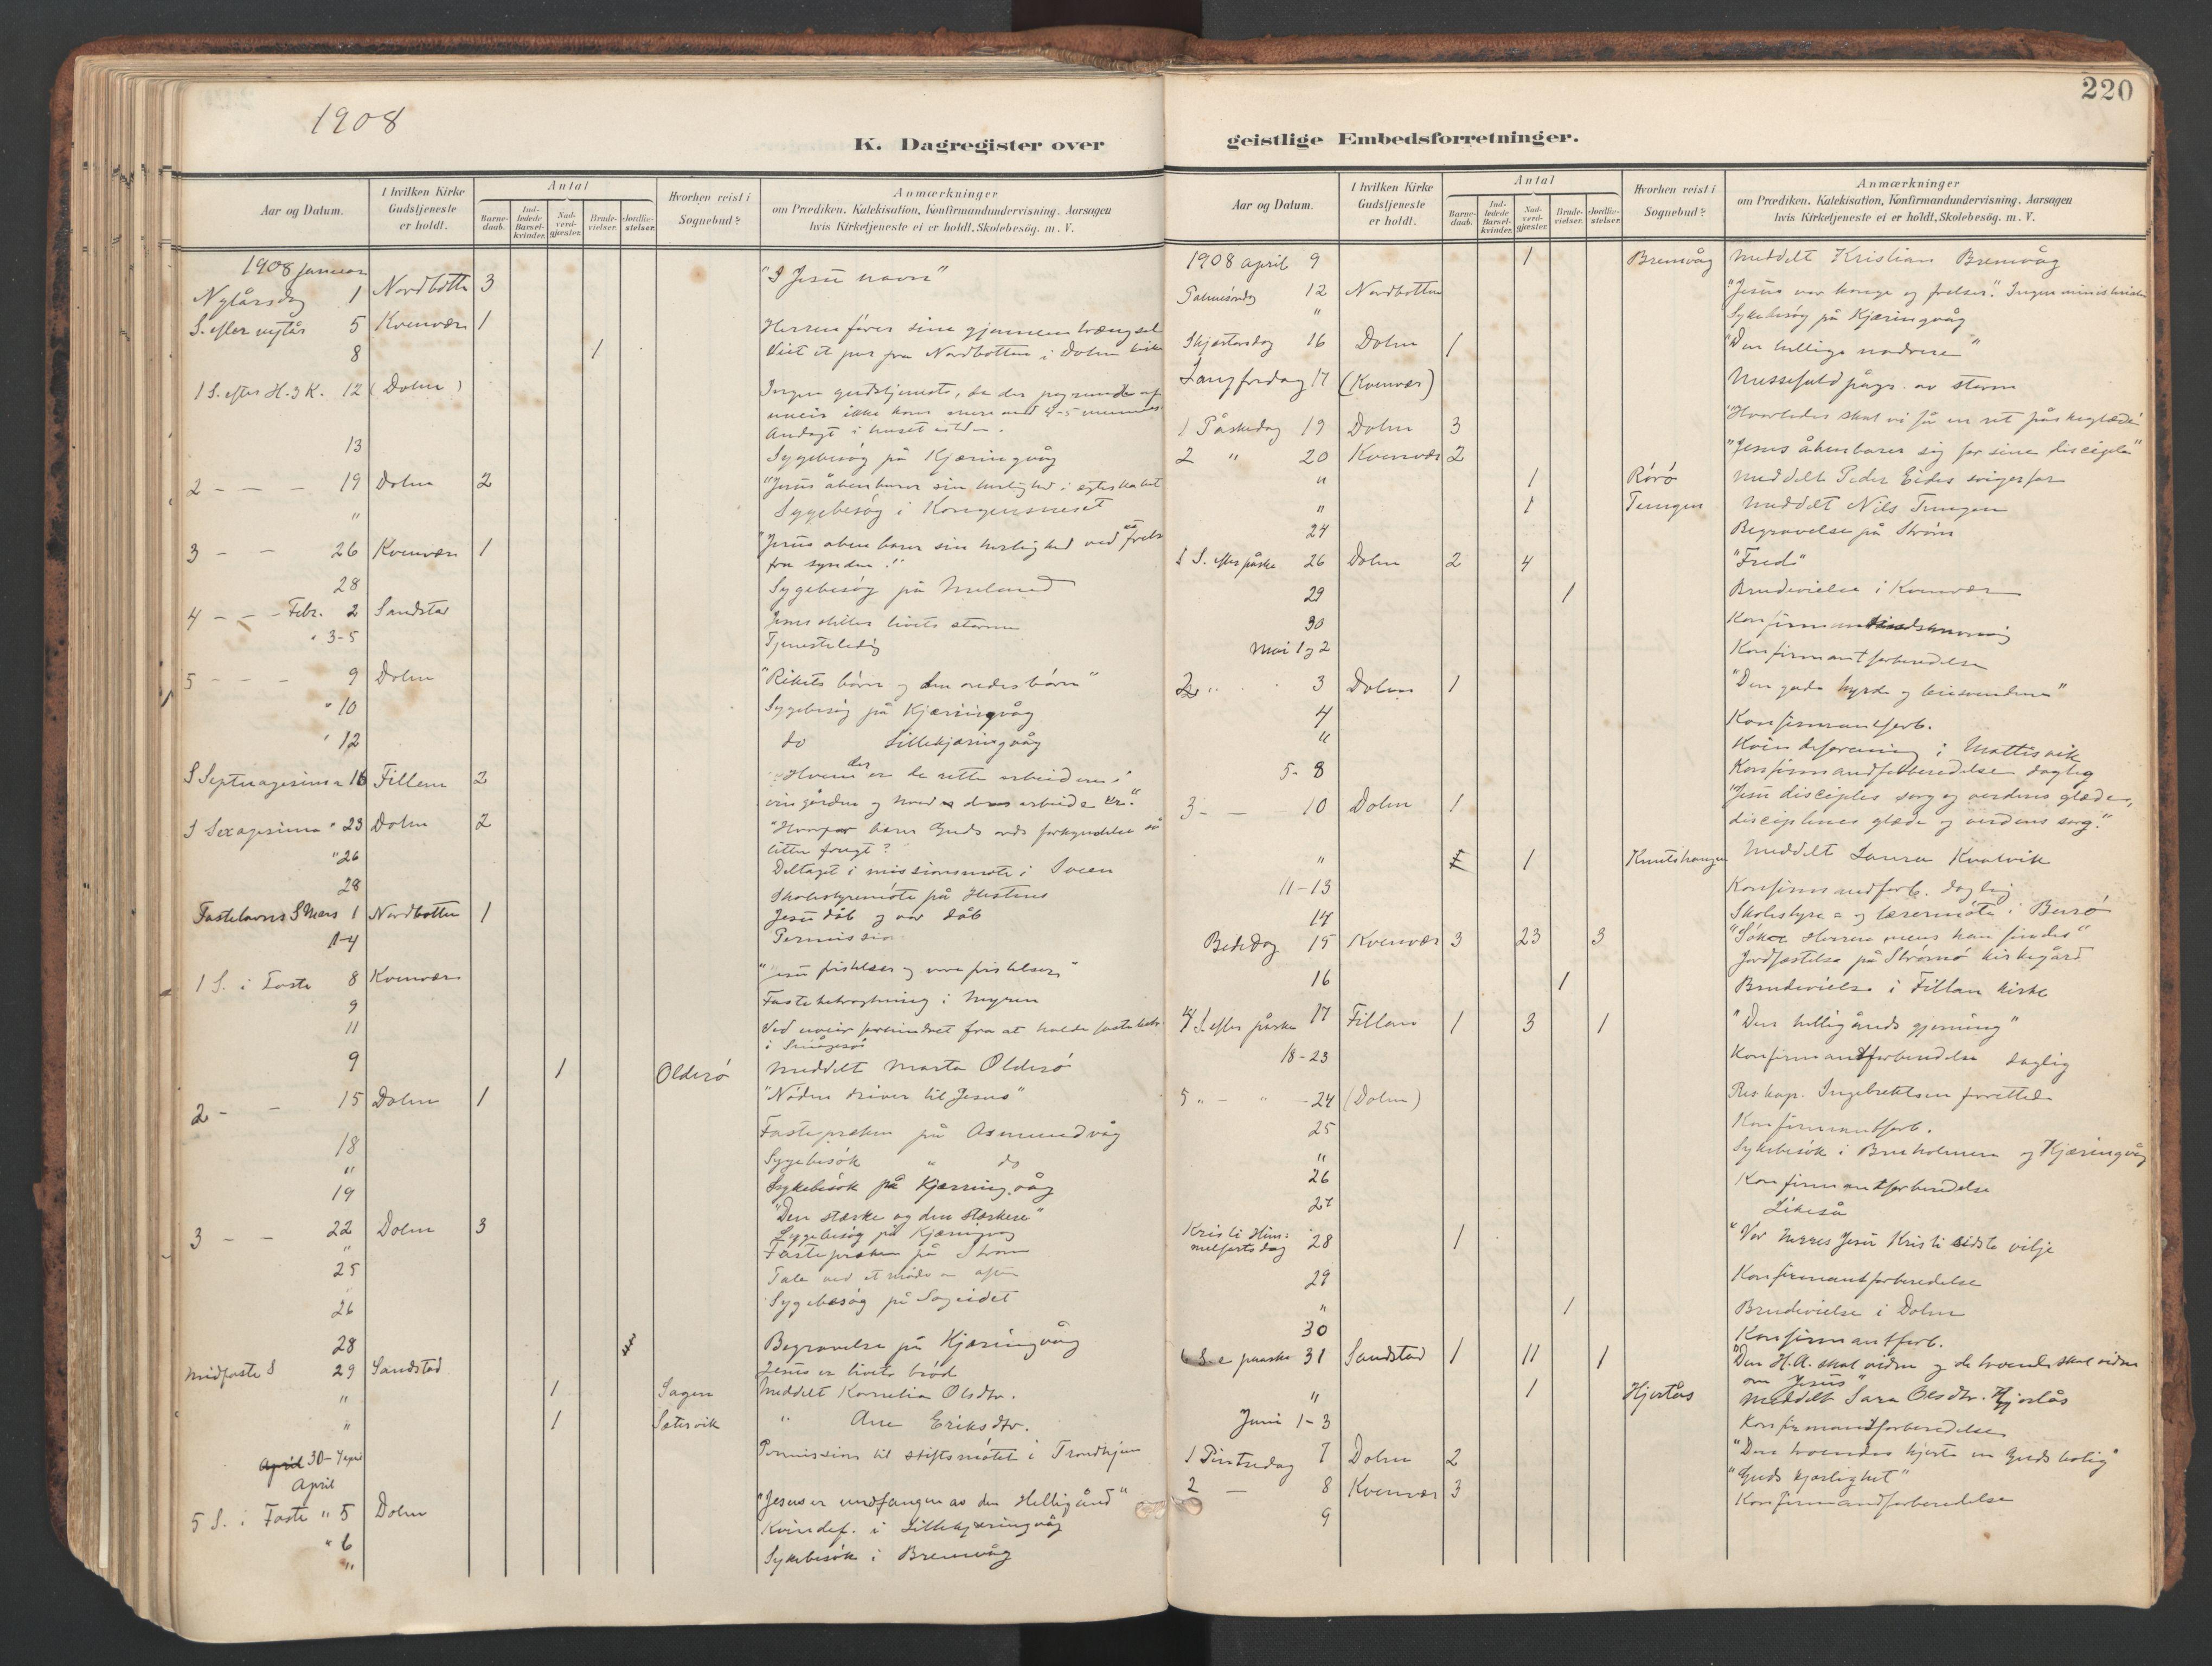 SAT, Ministerialprotokoller, klokkerbøker og fødselsregistre - Sør-Trøndelag, 634/L0537: Ministerialbok nr. 634A13, 1896-1922, s. 220